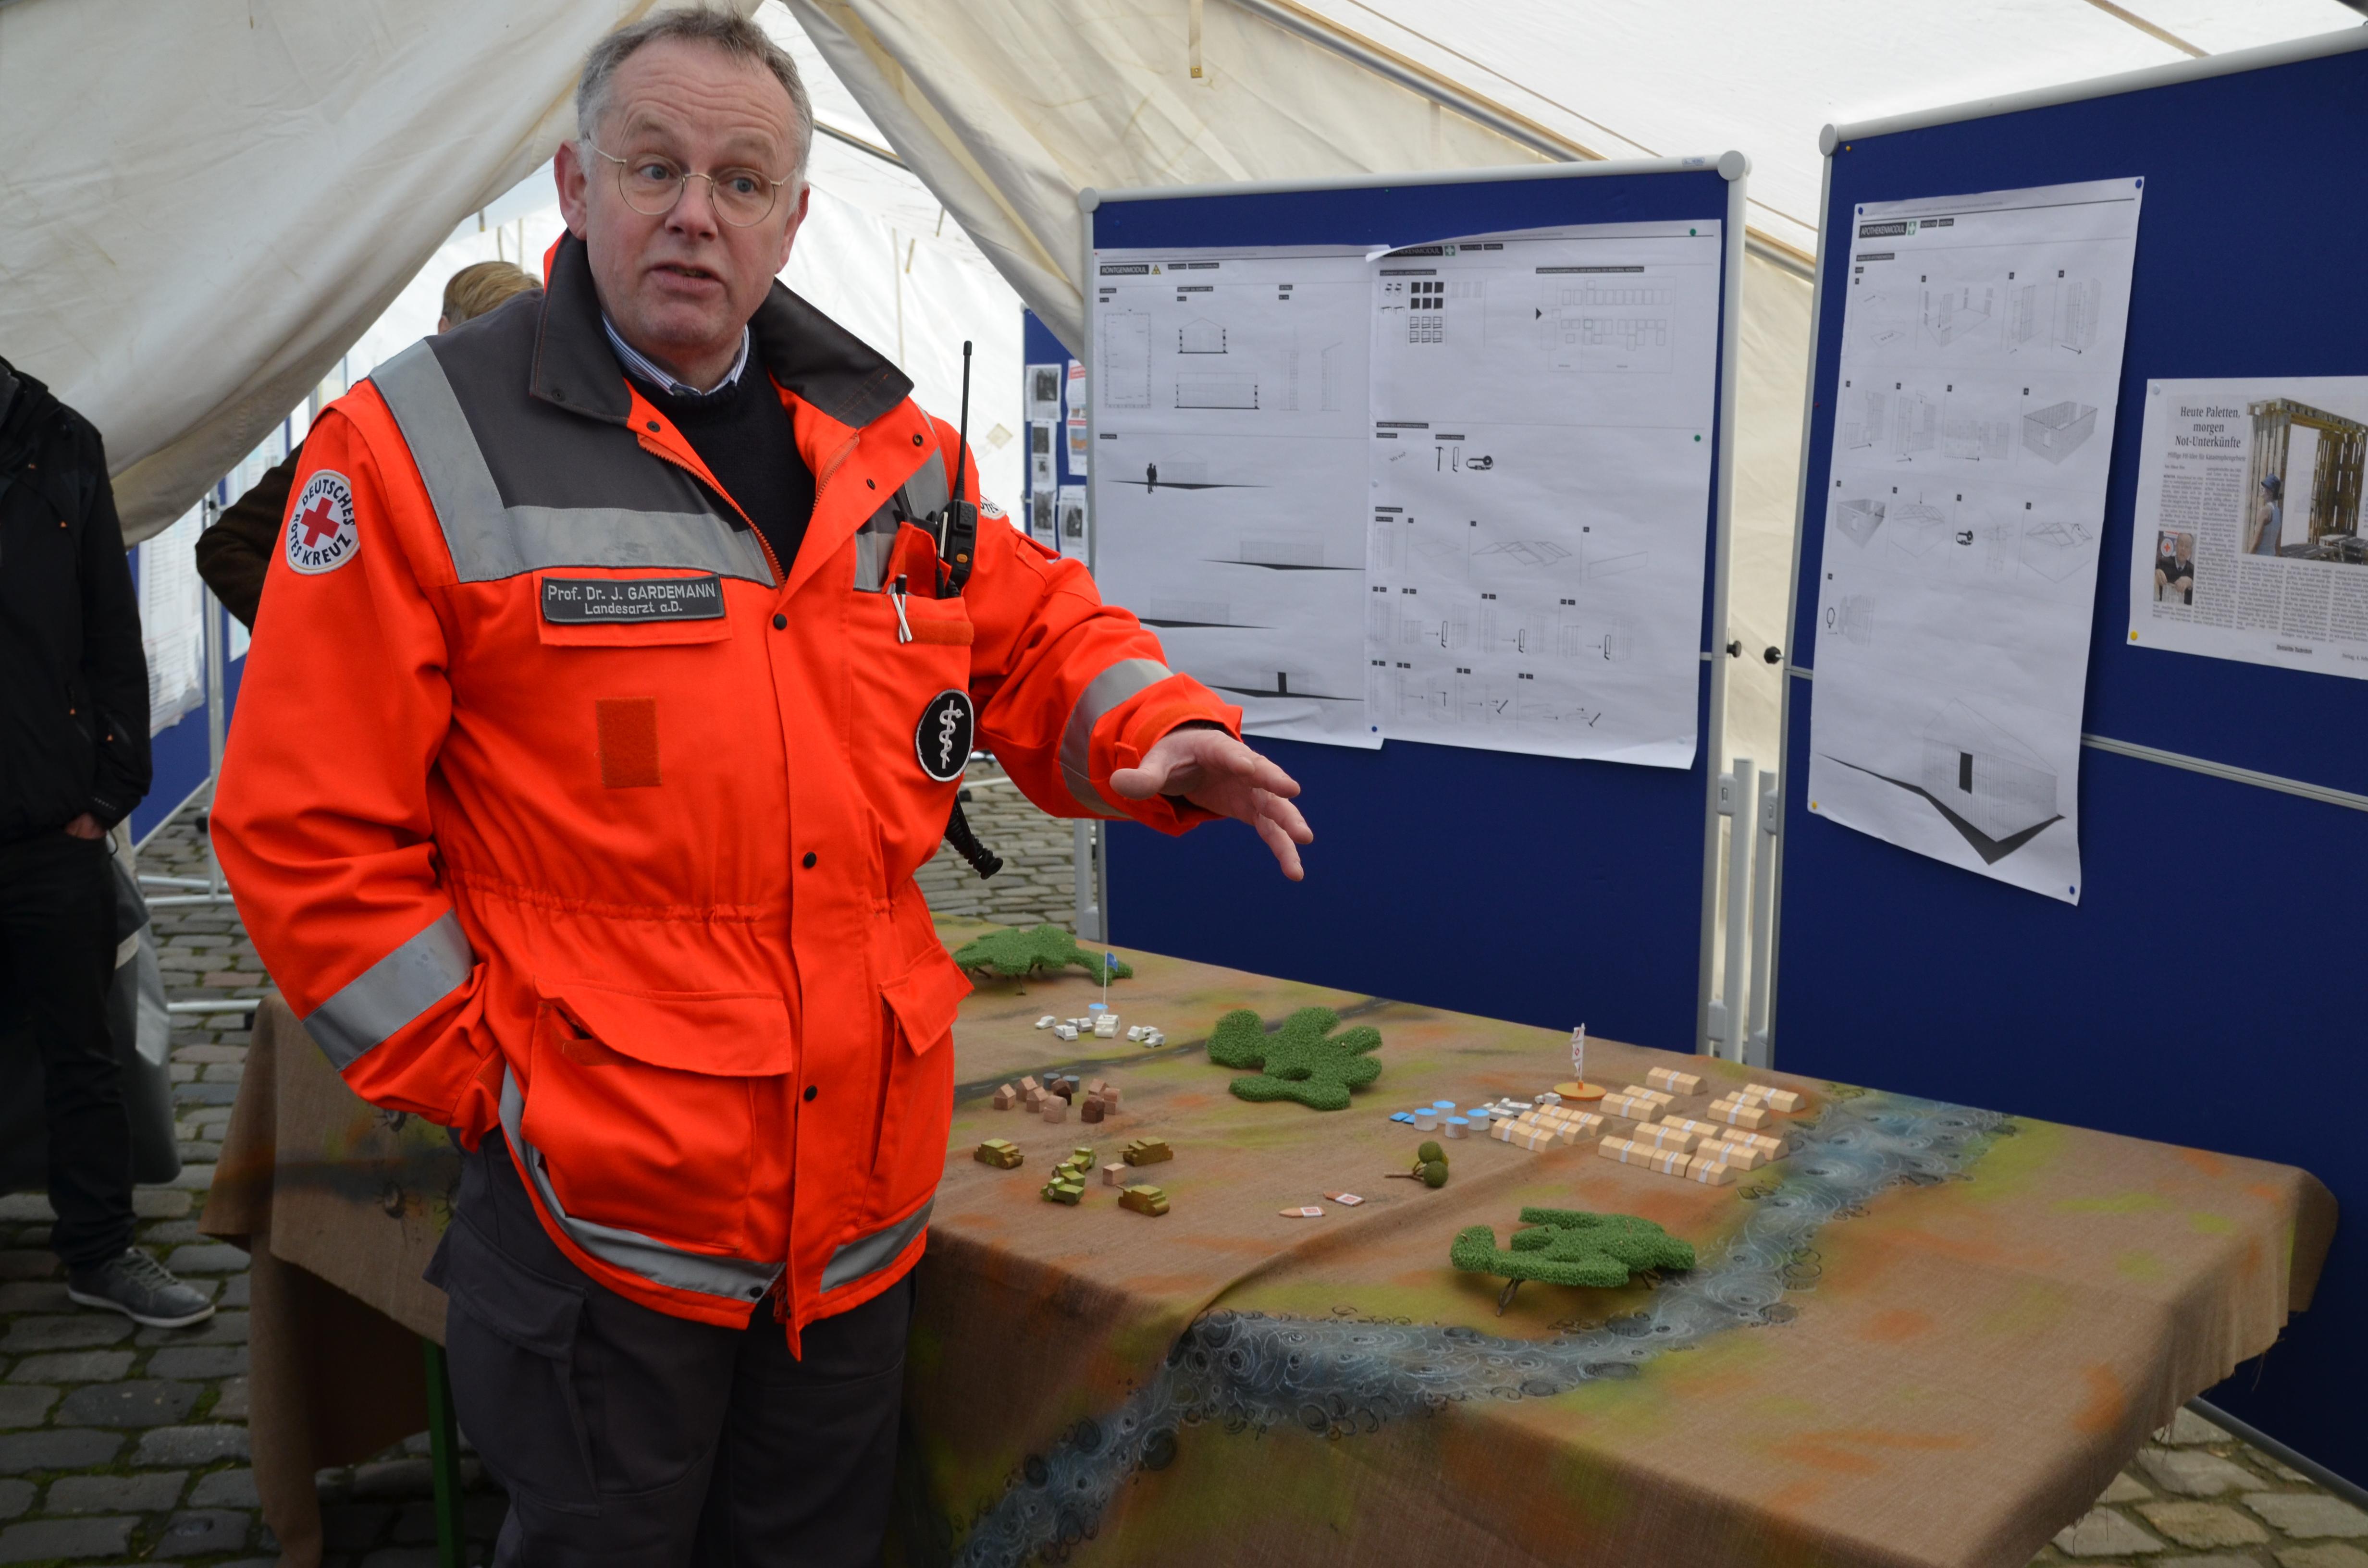 """Prof. Dr. Joachim Gardemann vor dem Planspiel """"Disaster Response Model""""."""